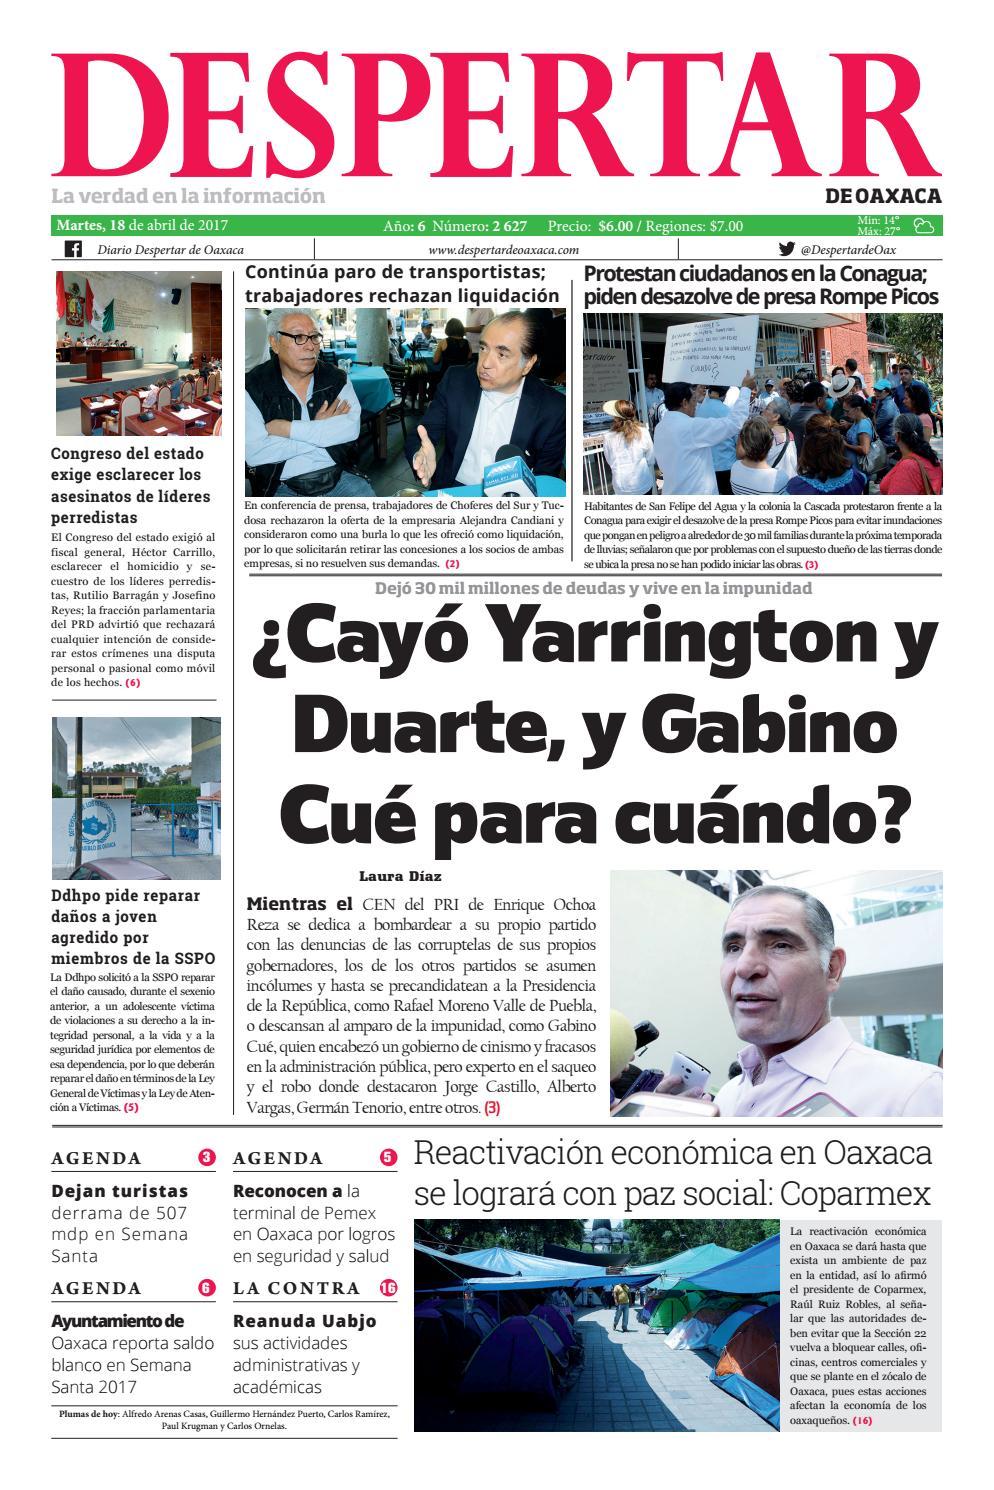 Despertar 18 de abril 2017 by Despertar de Oaxaca - issuu